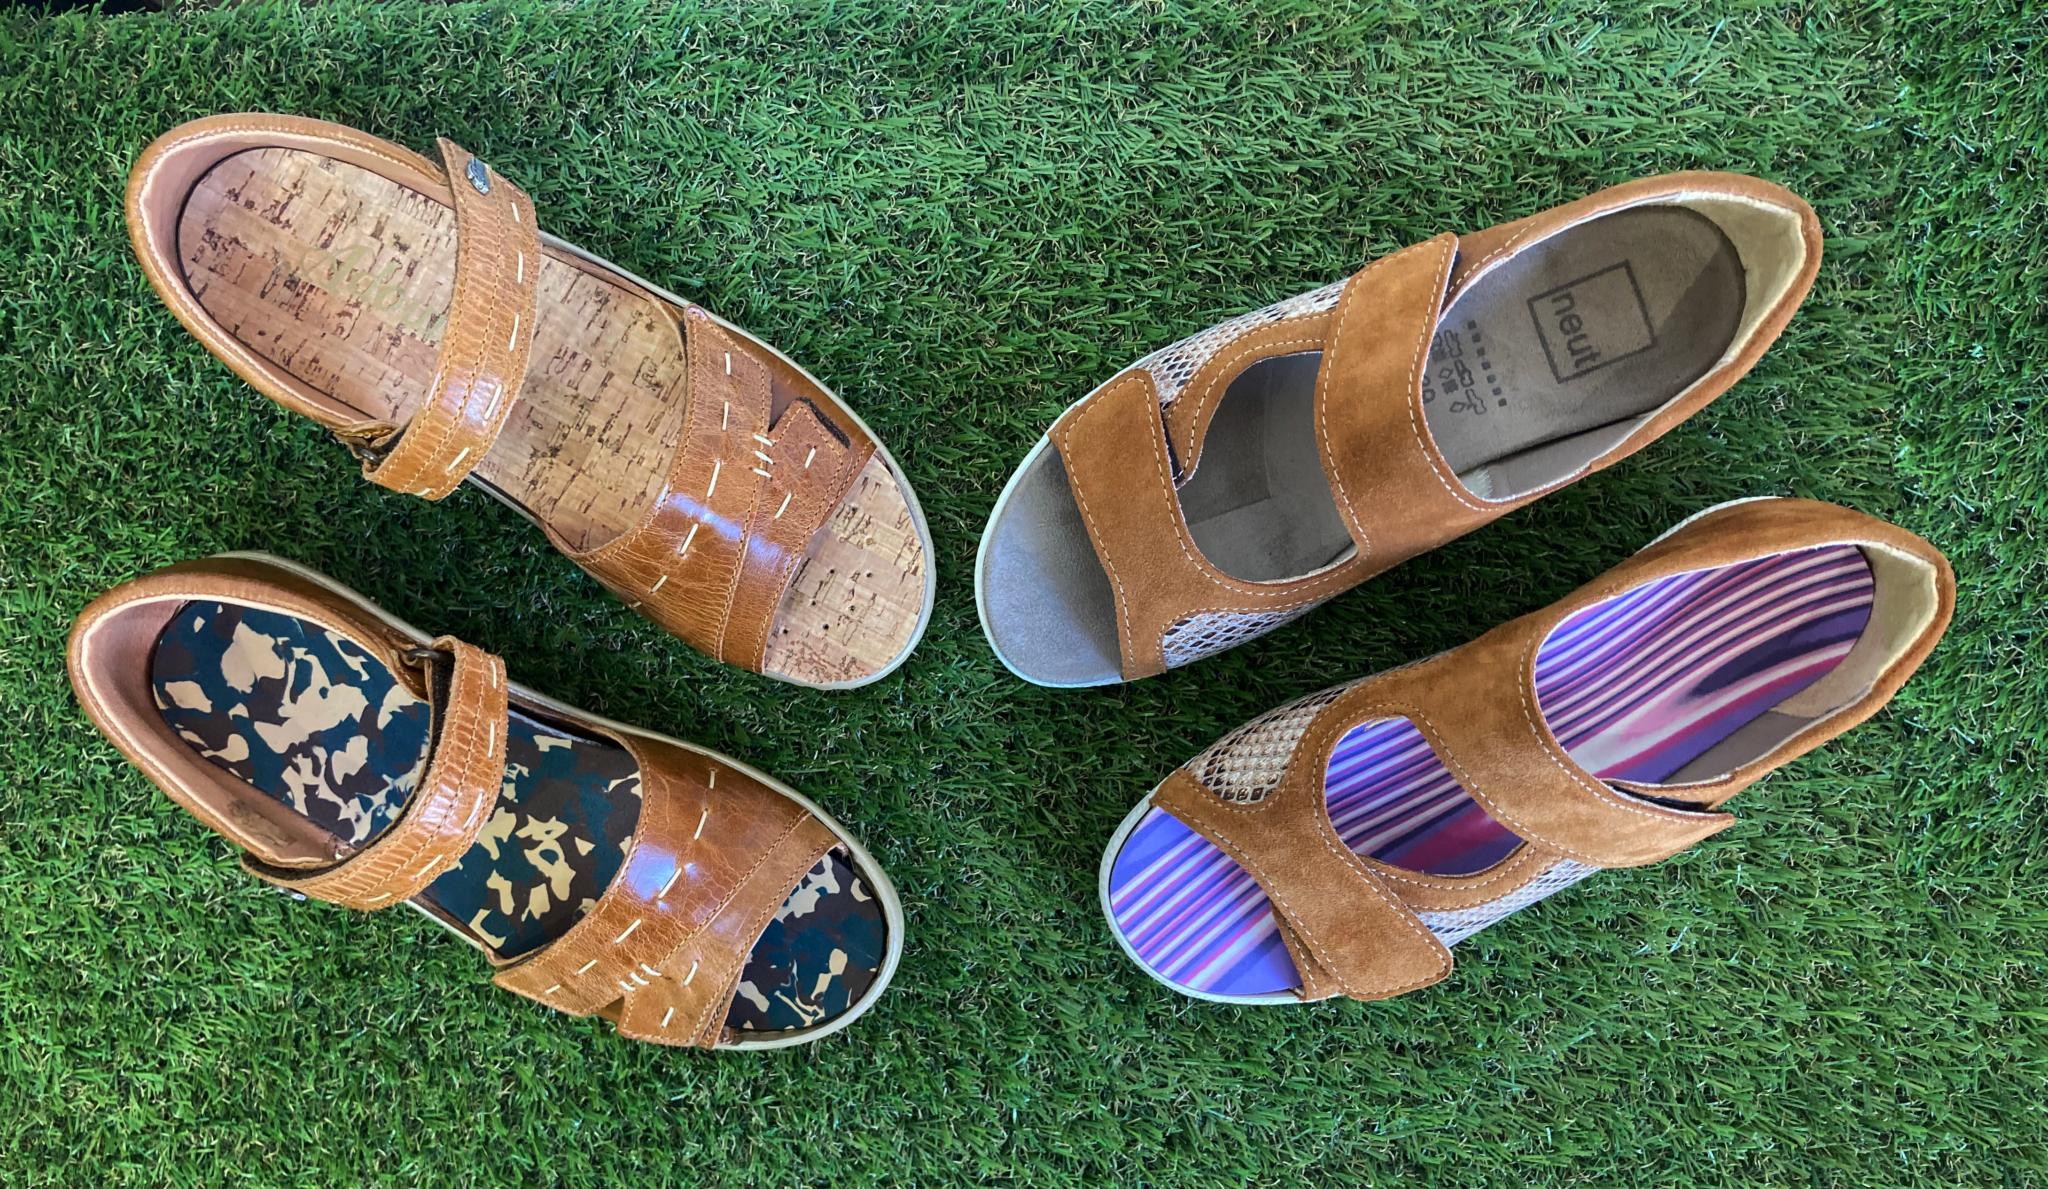 chaussures d'été semelles orthopédiques - chaussures d'été adaptées aux semelles orthopédiques - orthèse plantaire - chaussures orthopédiques